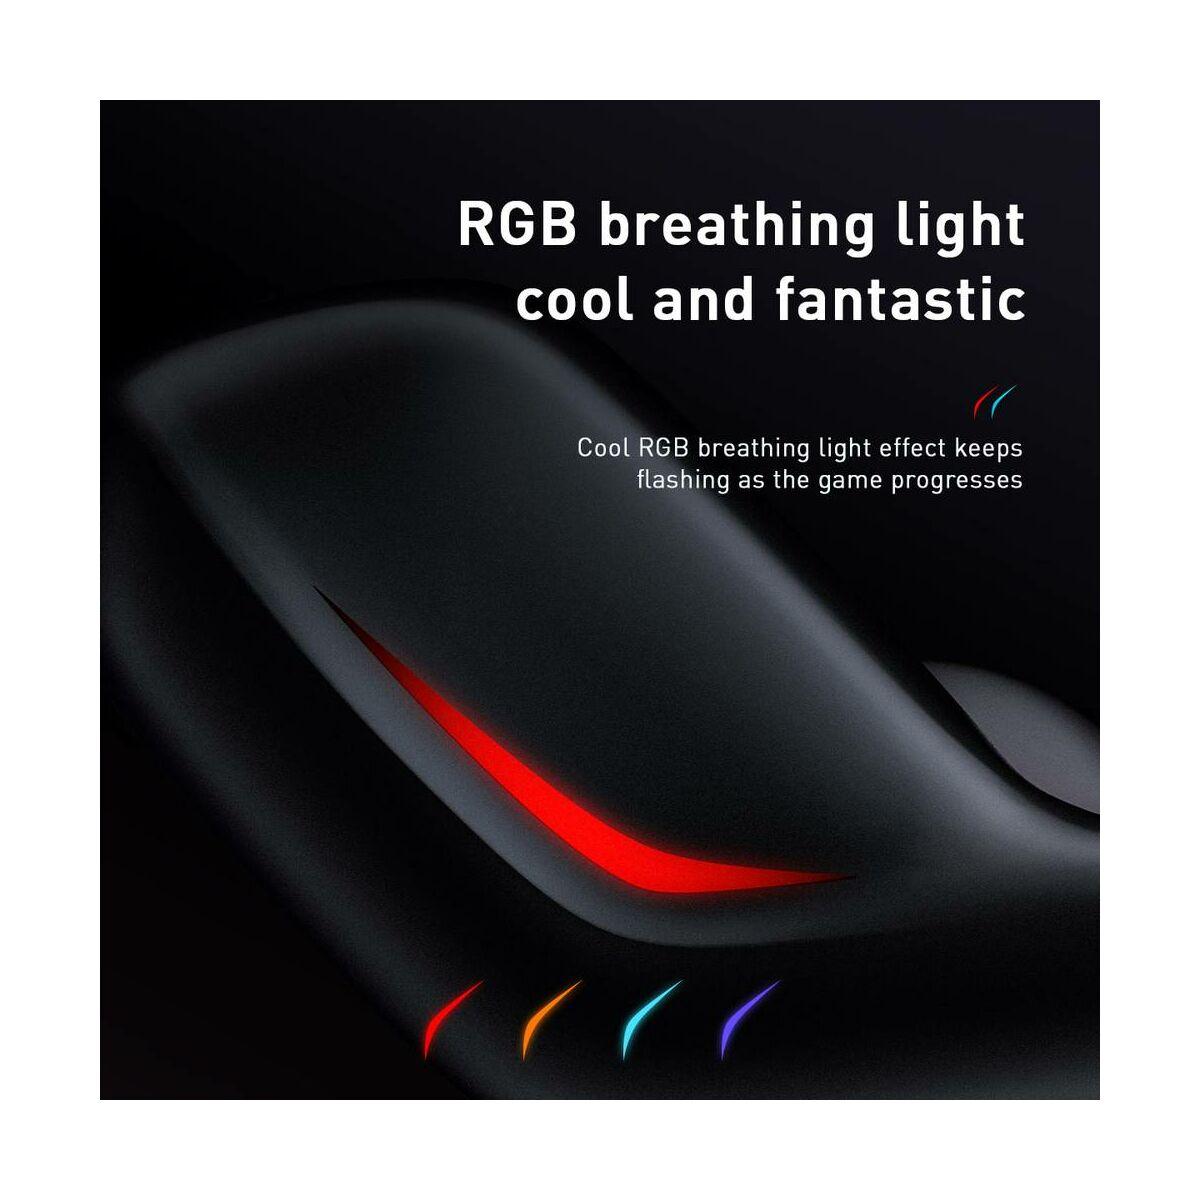 Baseus fülhallgató, GAMO C18 Immersive Virtual 3D mobil játékokhoz, vezetékes, Type-C csatlakozóval, fekete (NGC18-01)